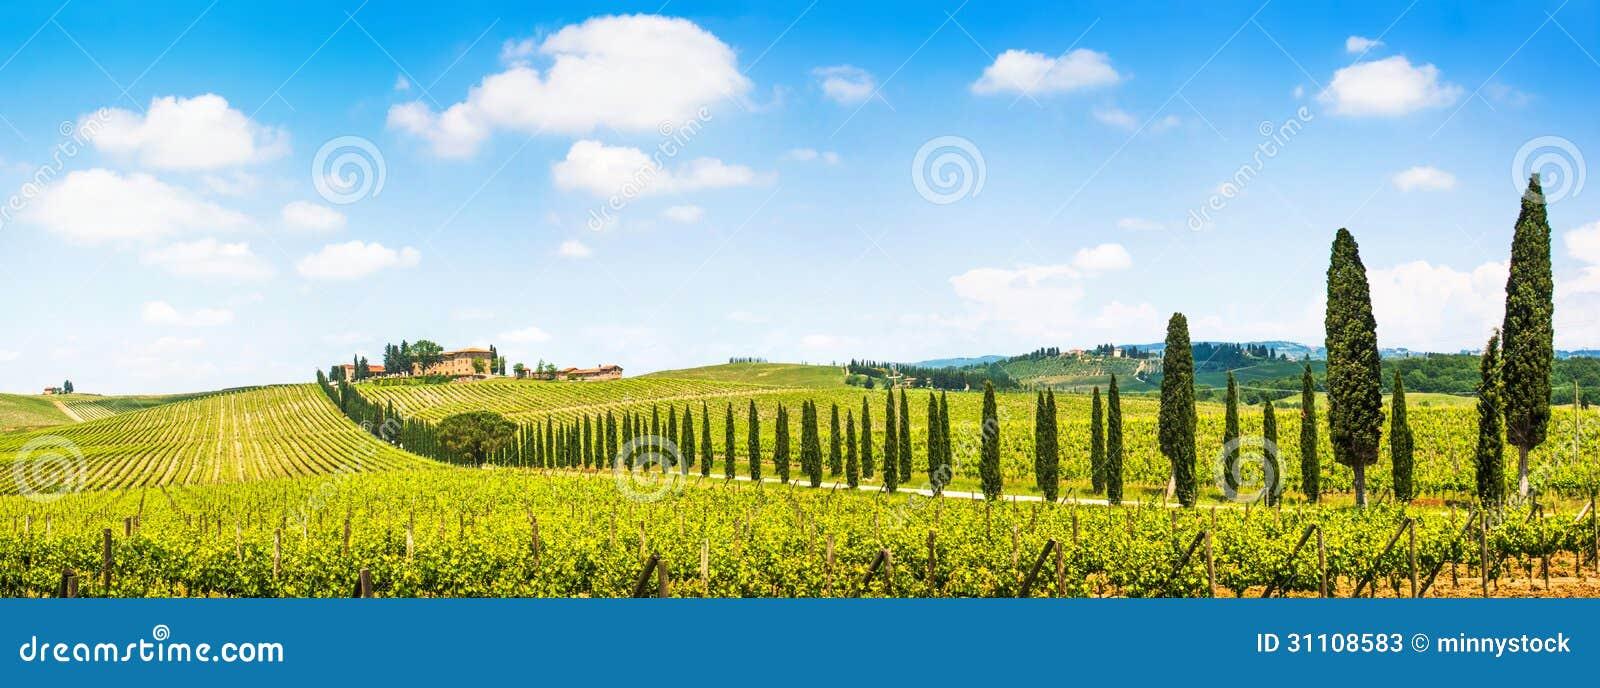 风景托斯卡纳风景全景与葡萄园在Chianti地区,托斯卡纳,意大利的